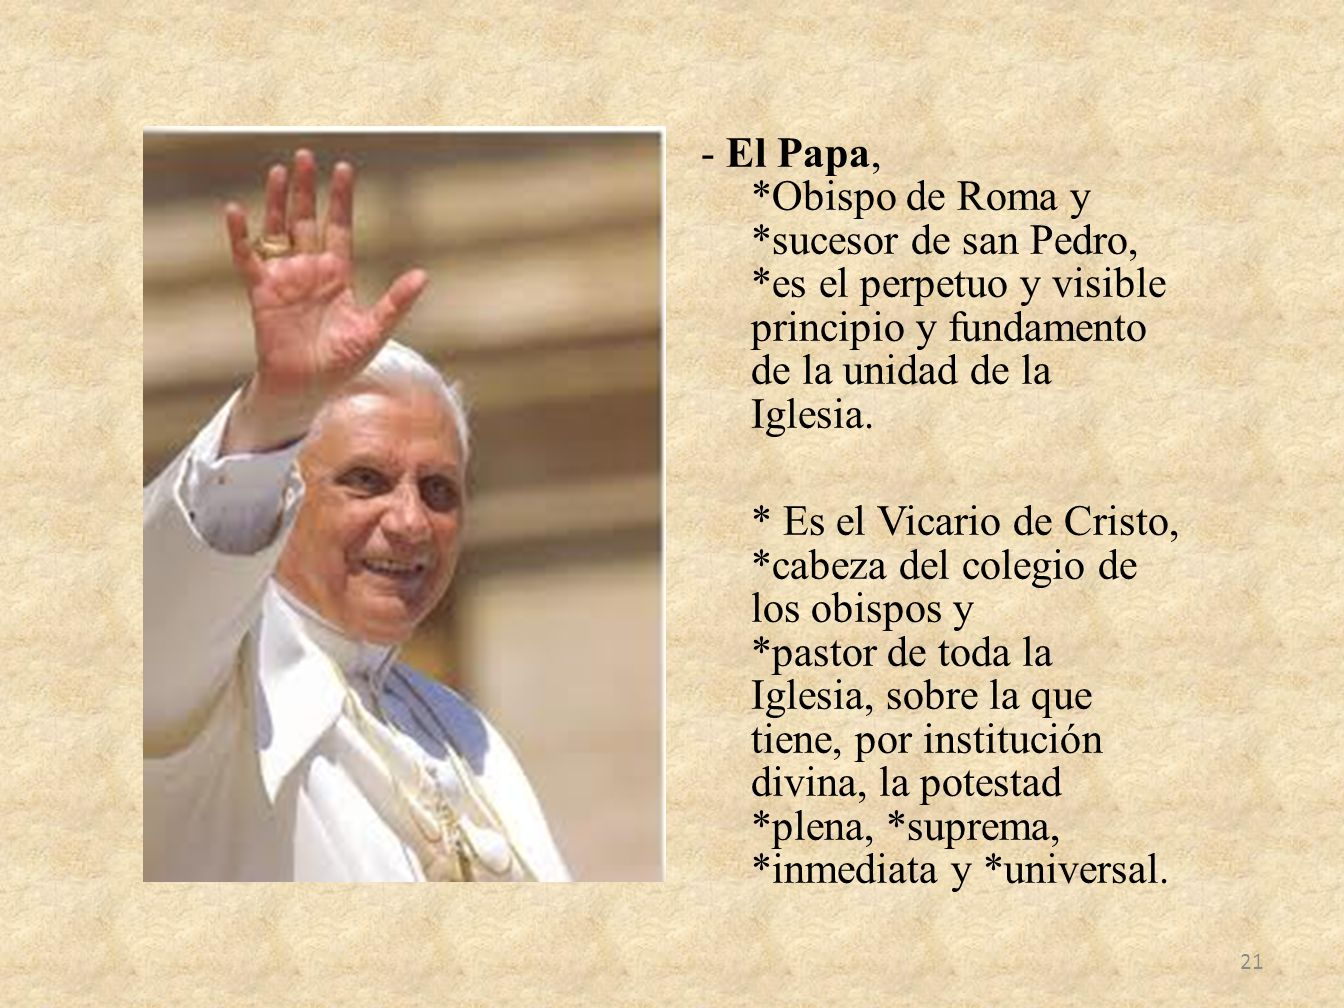 - El Papa, *Obispo de Roma y *sucesor de san Pedro, *es el perpetuo y visible principio y fundamento de la unidad de la Iglesia. * Es el Vicario de Cr